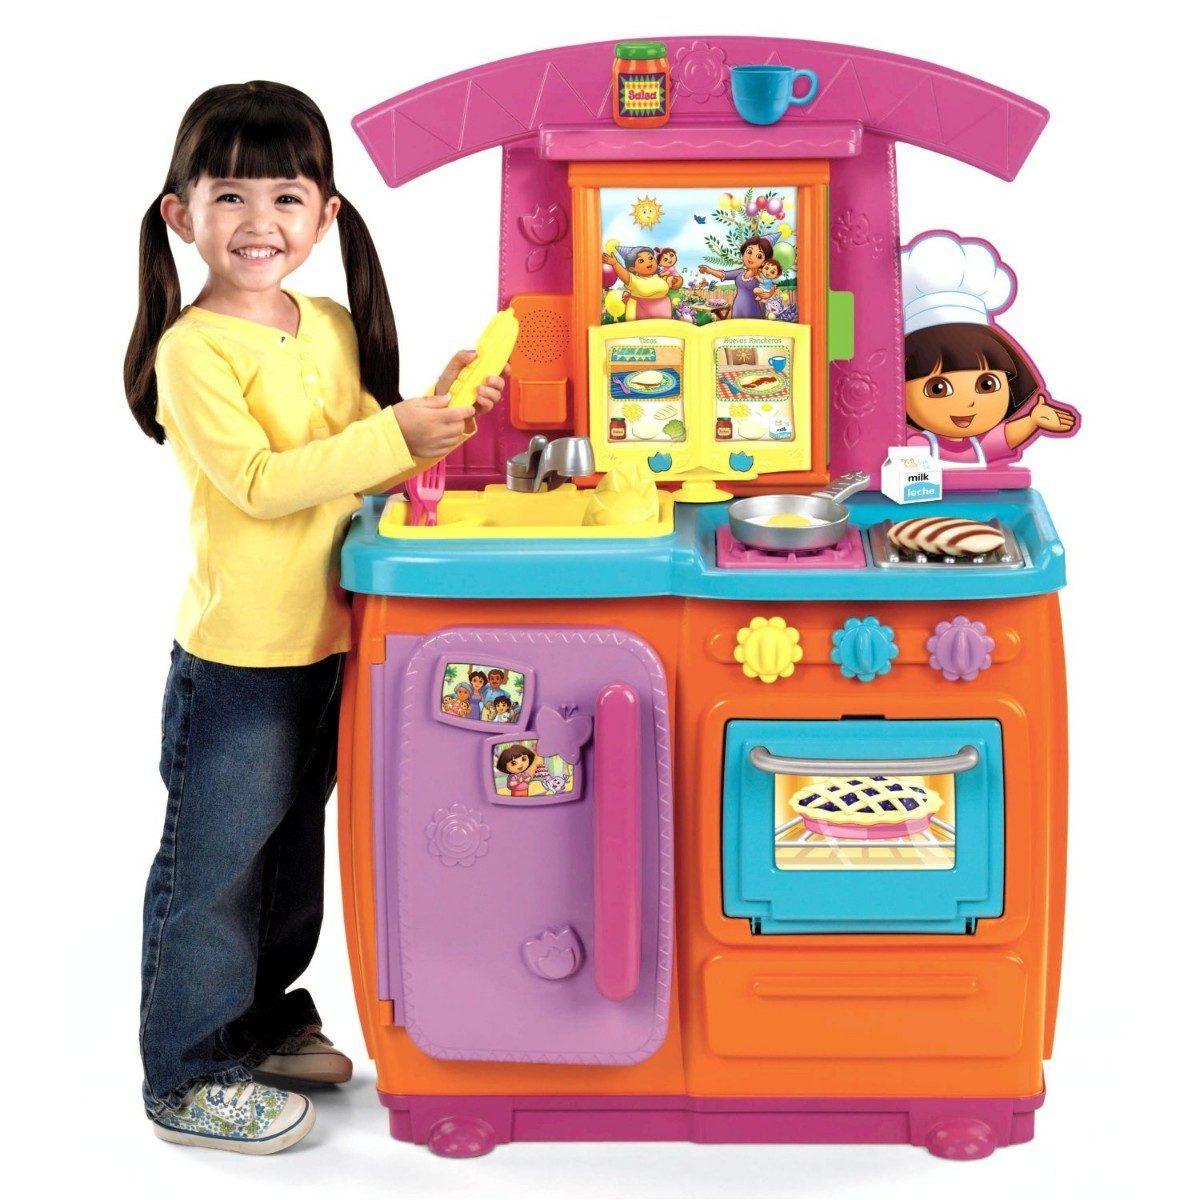 Juguetes de dora la exploradora 1g 12001200 5 pinterest juguetes de dora la exploradora 1g 1200 voltagebd Image collections